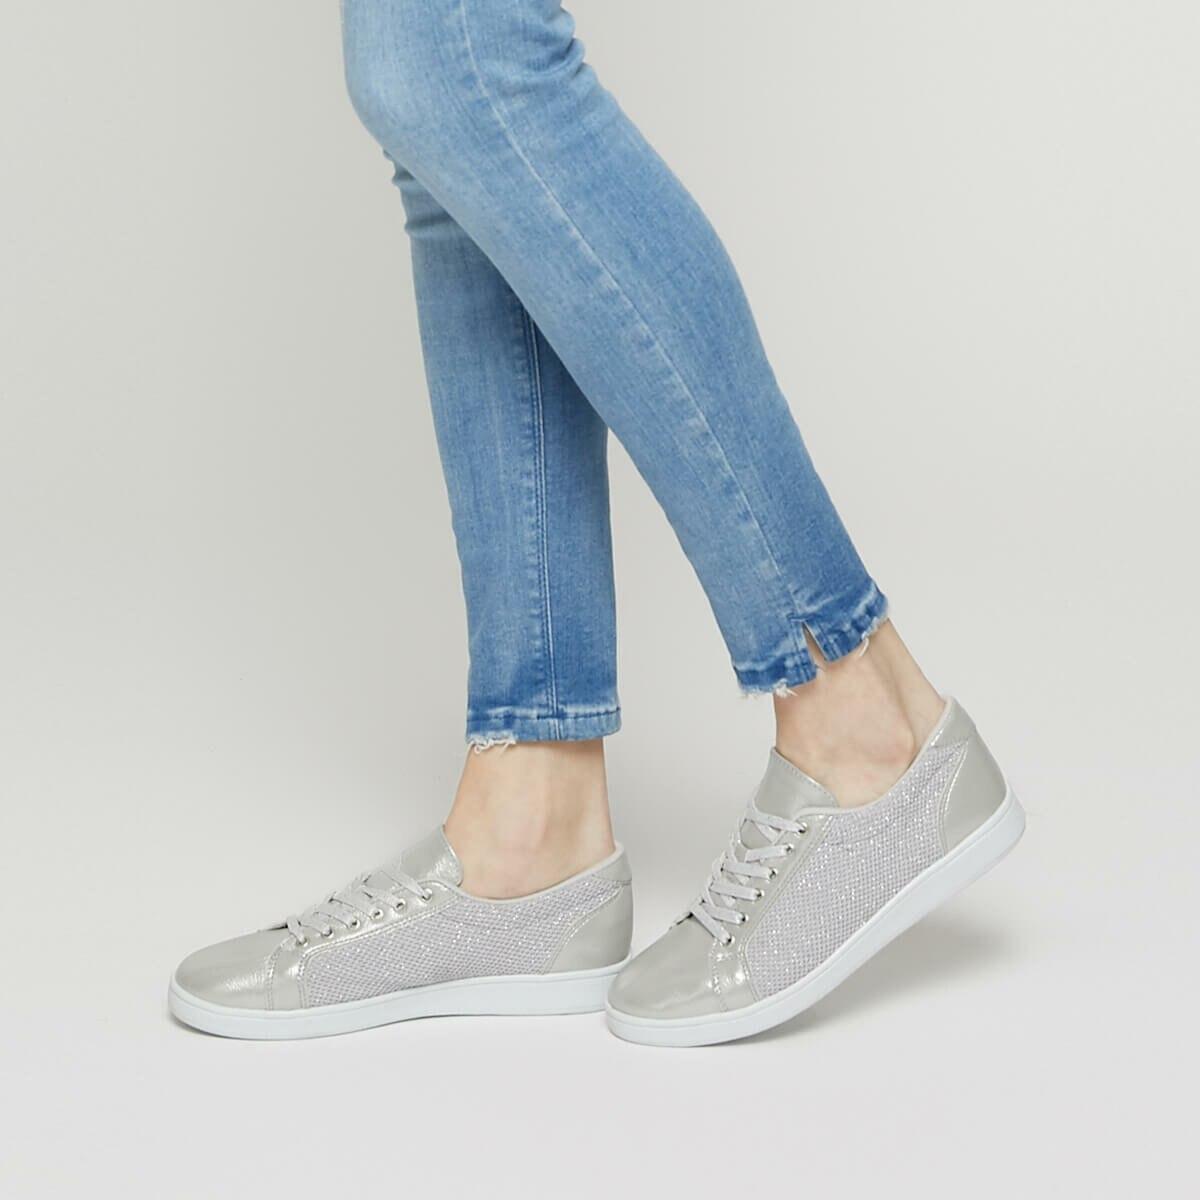 FLO CAPE Silver Women 'S Sneaker Shoes KINETIX